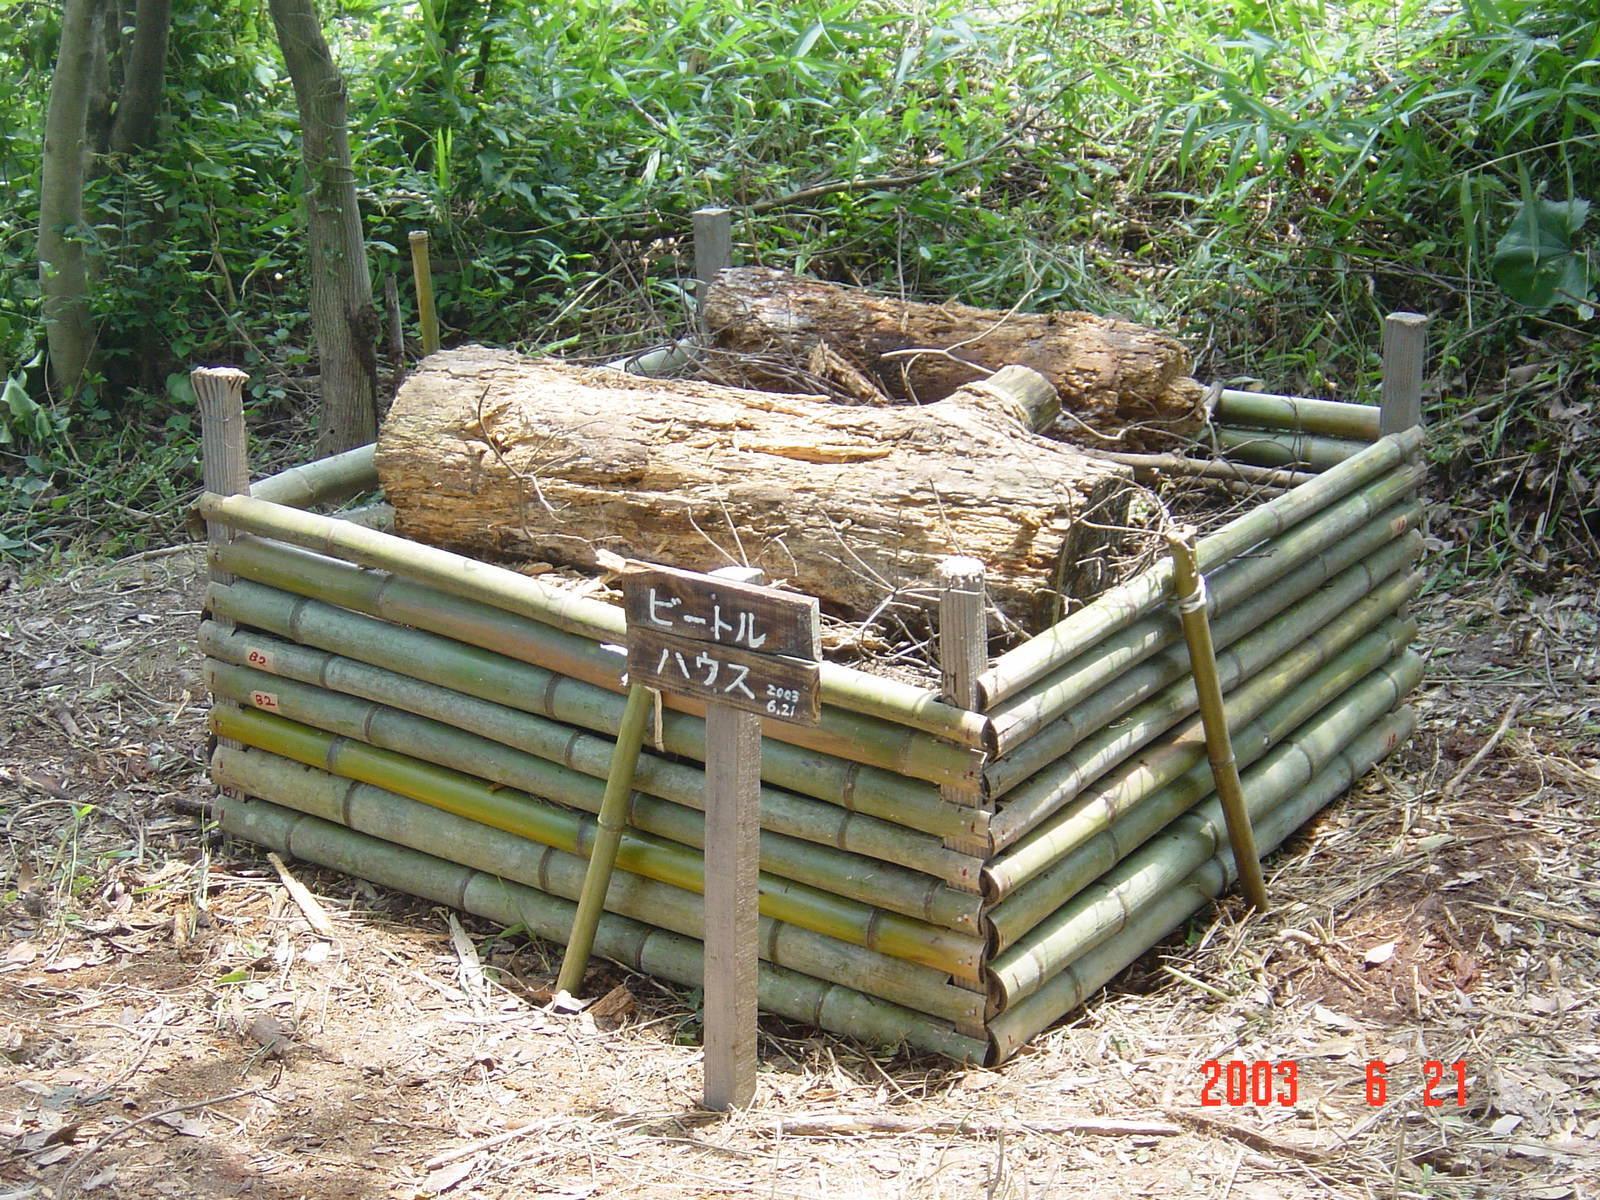 うみべの森の歴史⑬「2003年6月の活動」_c0108460_12361775.jpg